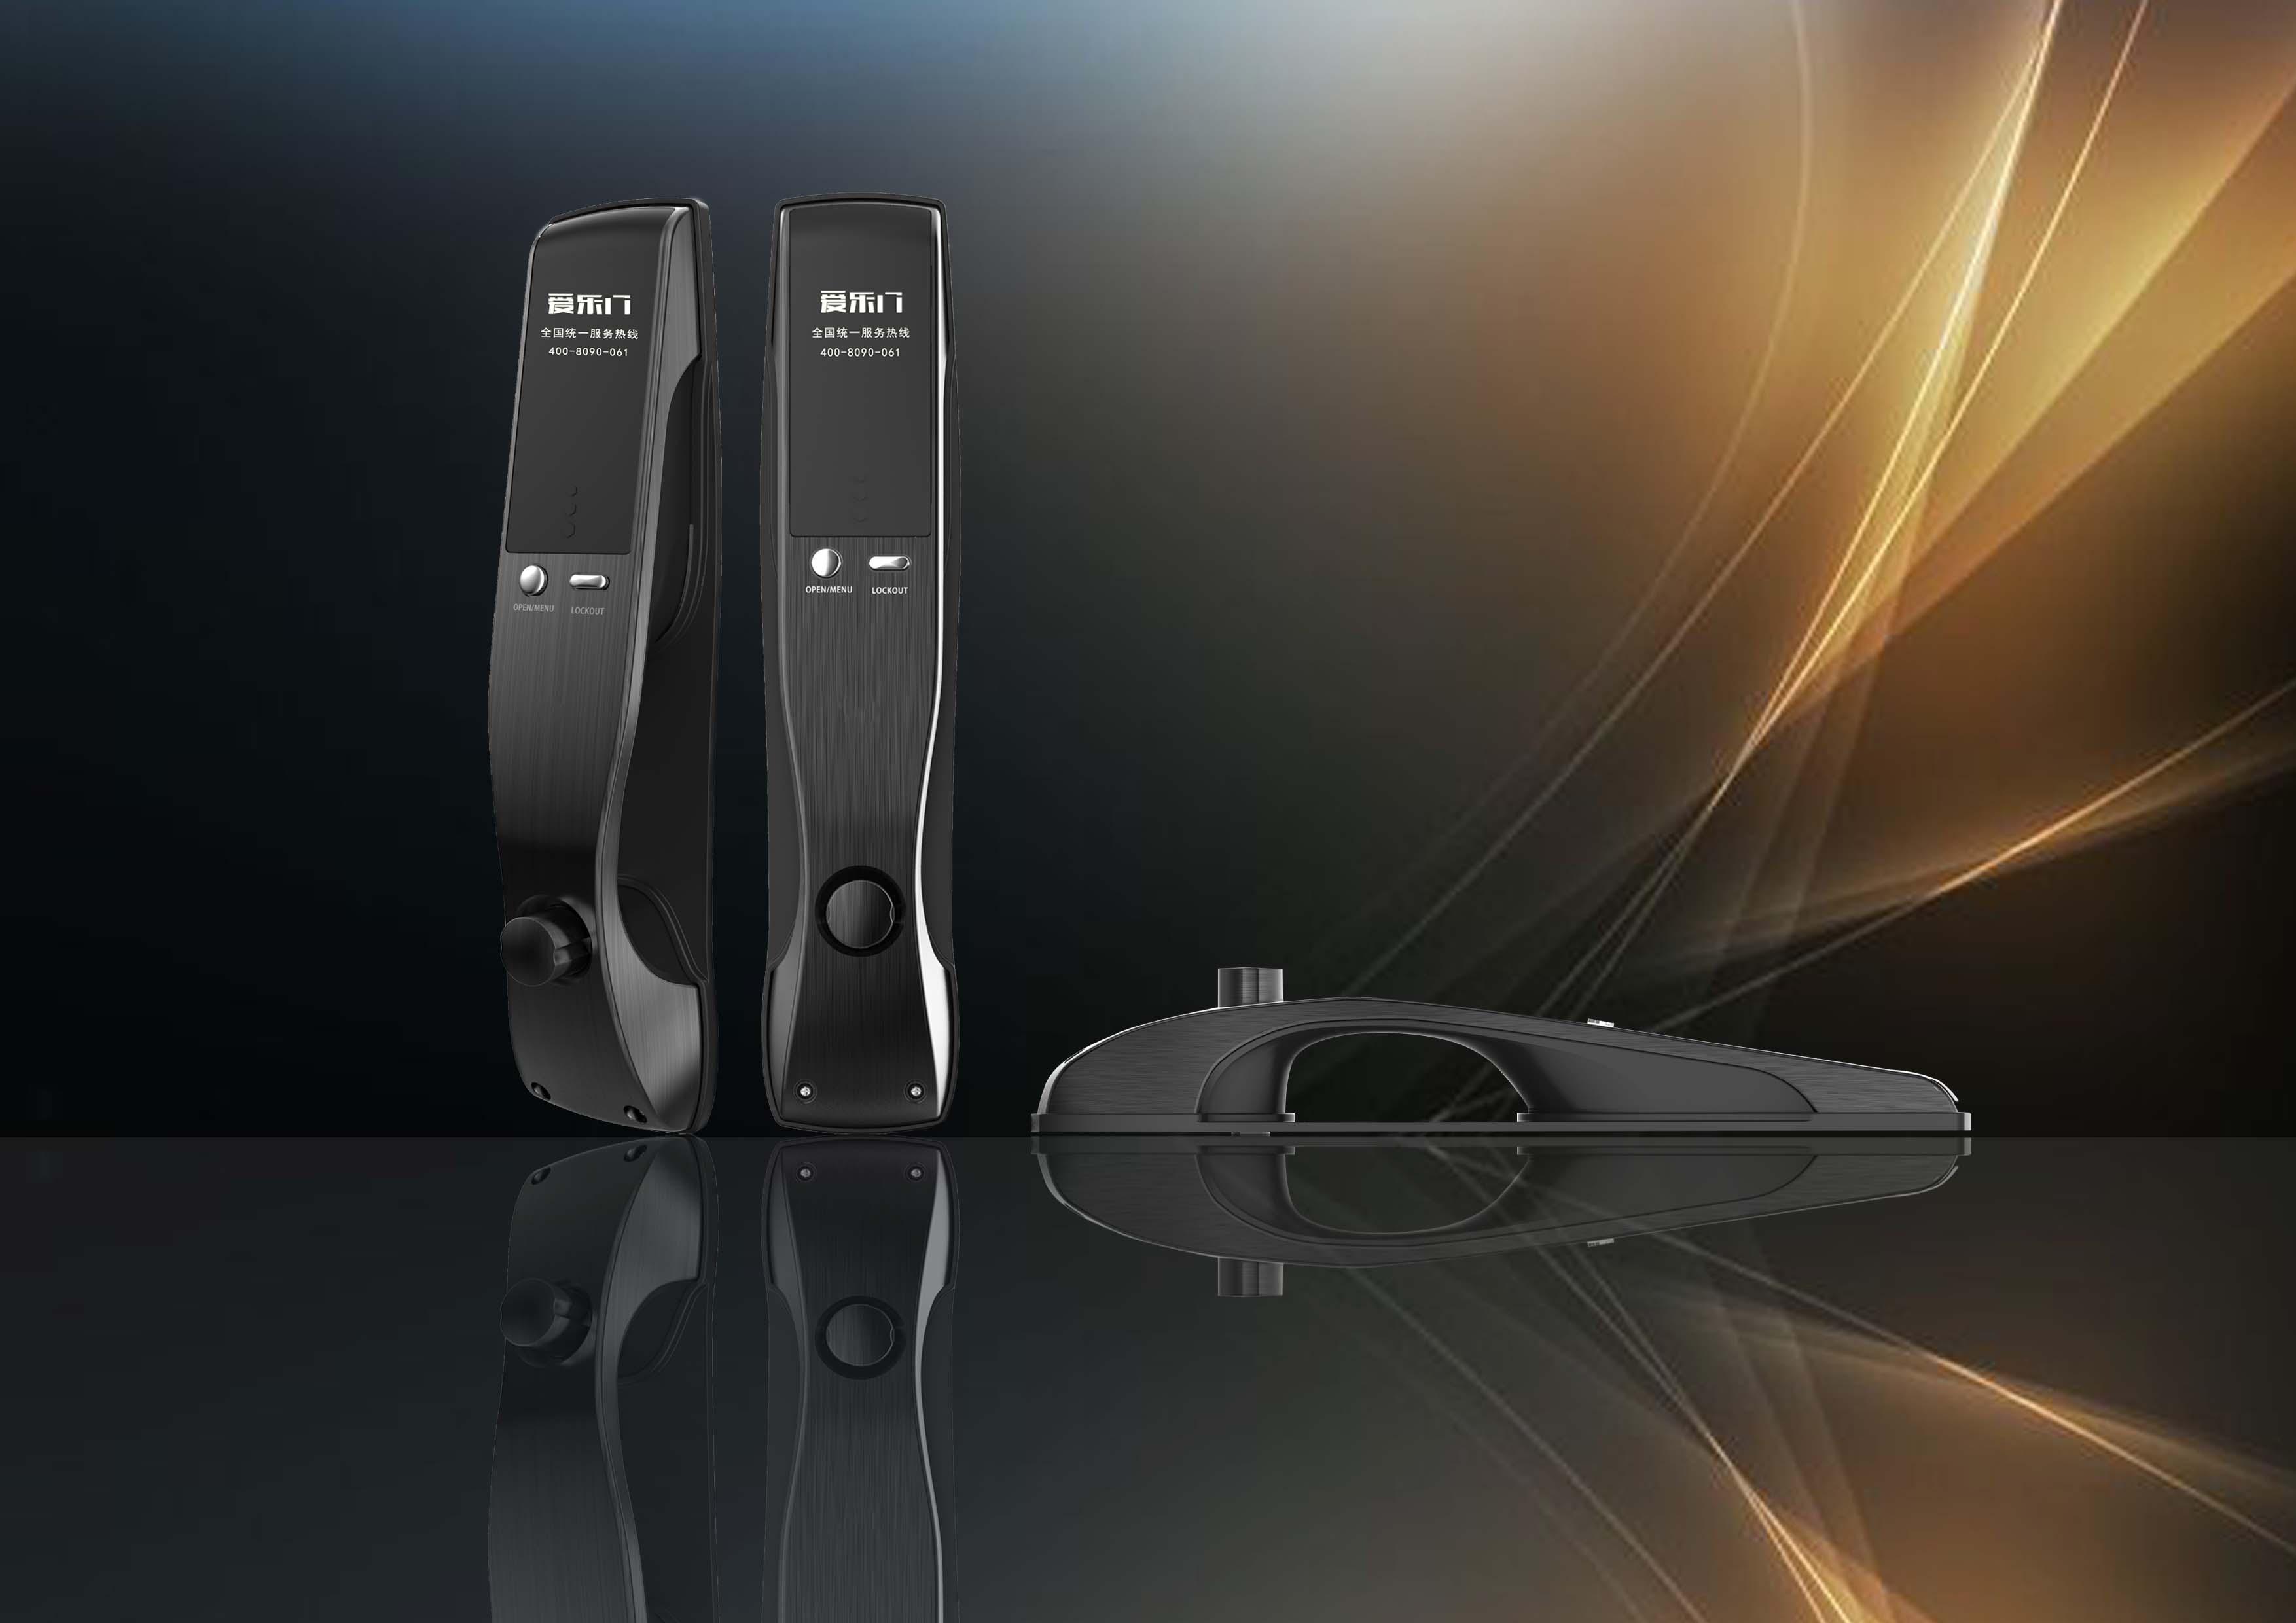 杭州超值的EL721爱乐门IC磁卡智能防盗锁推荐,江西密码锁代理